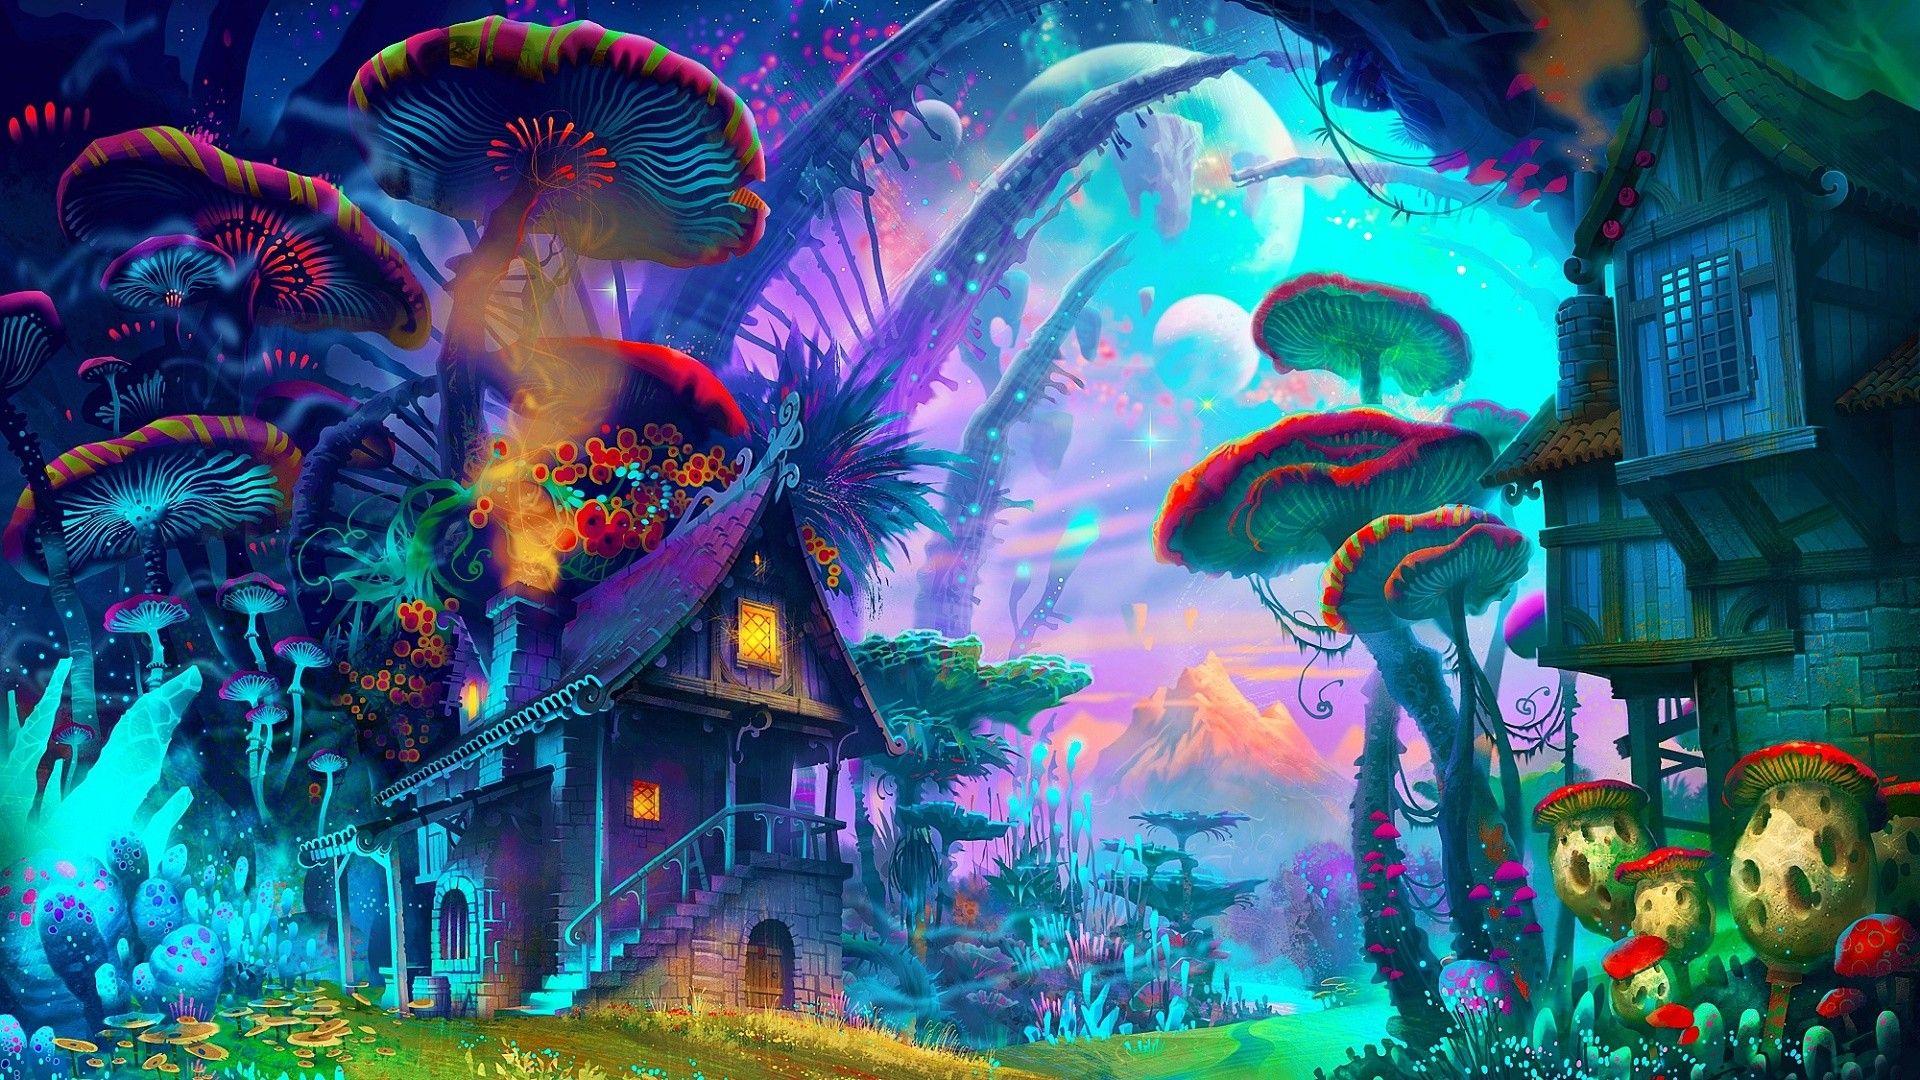 Good Wallpaper Mountain Trippy - 1f26fe899942ae2a13079544d9393d8c  Photograph_932773.jpg